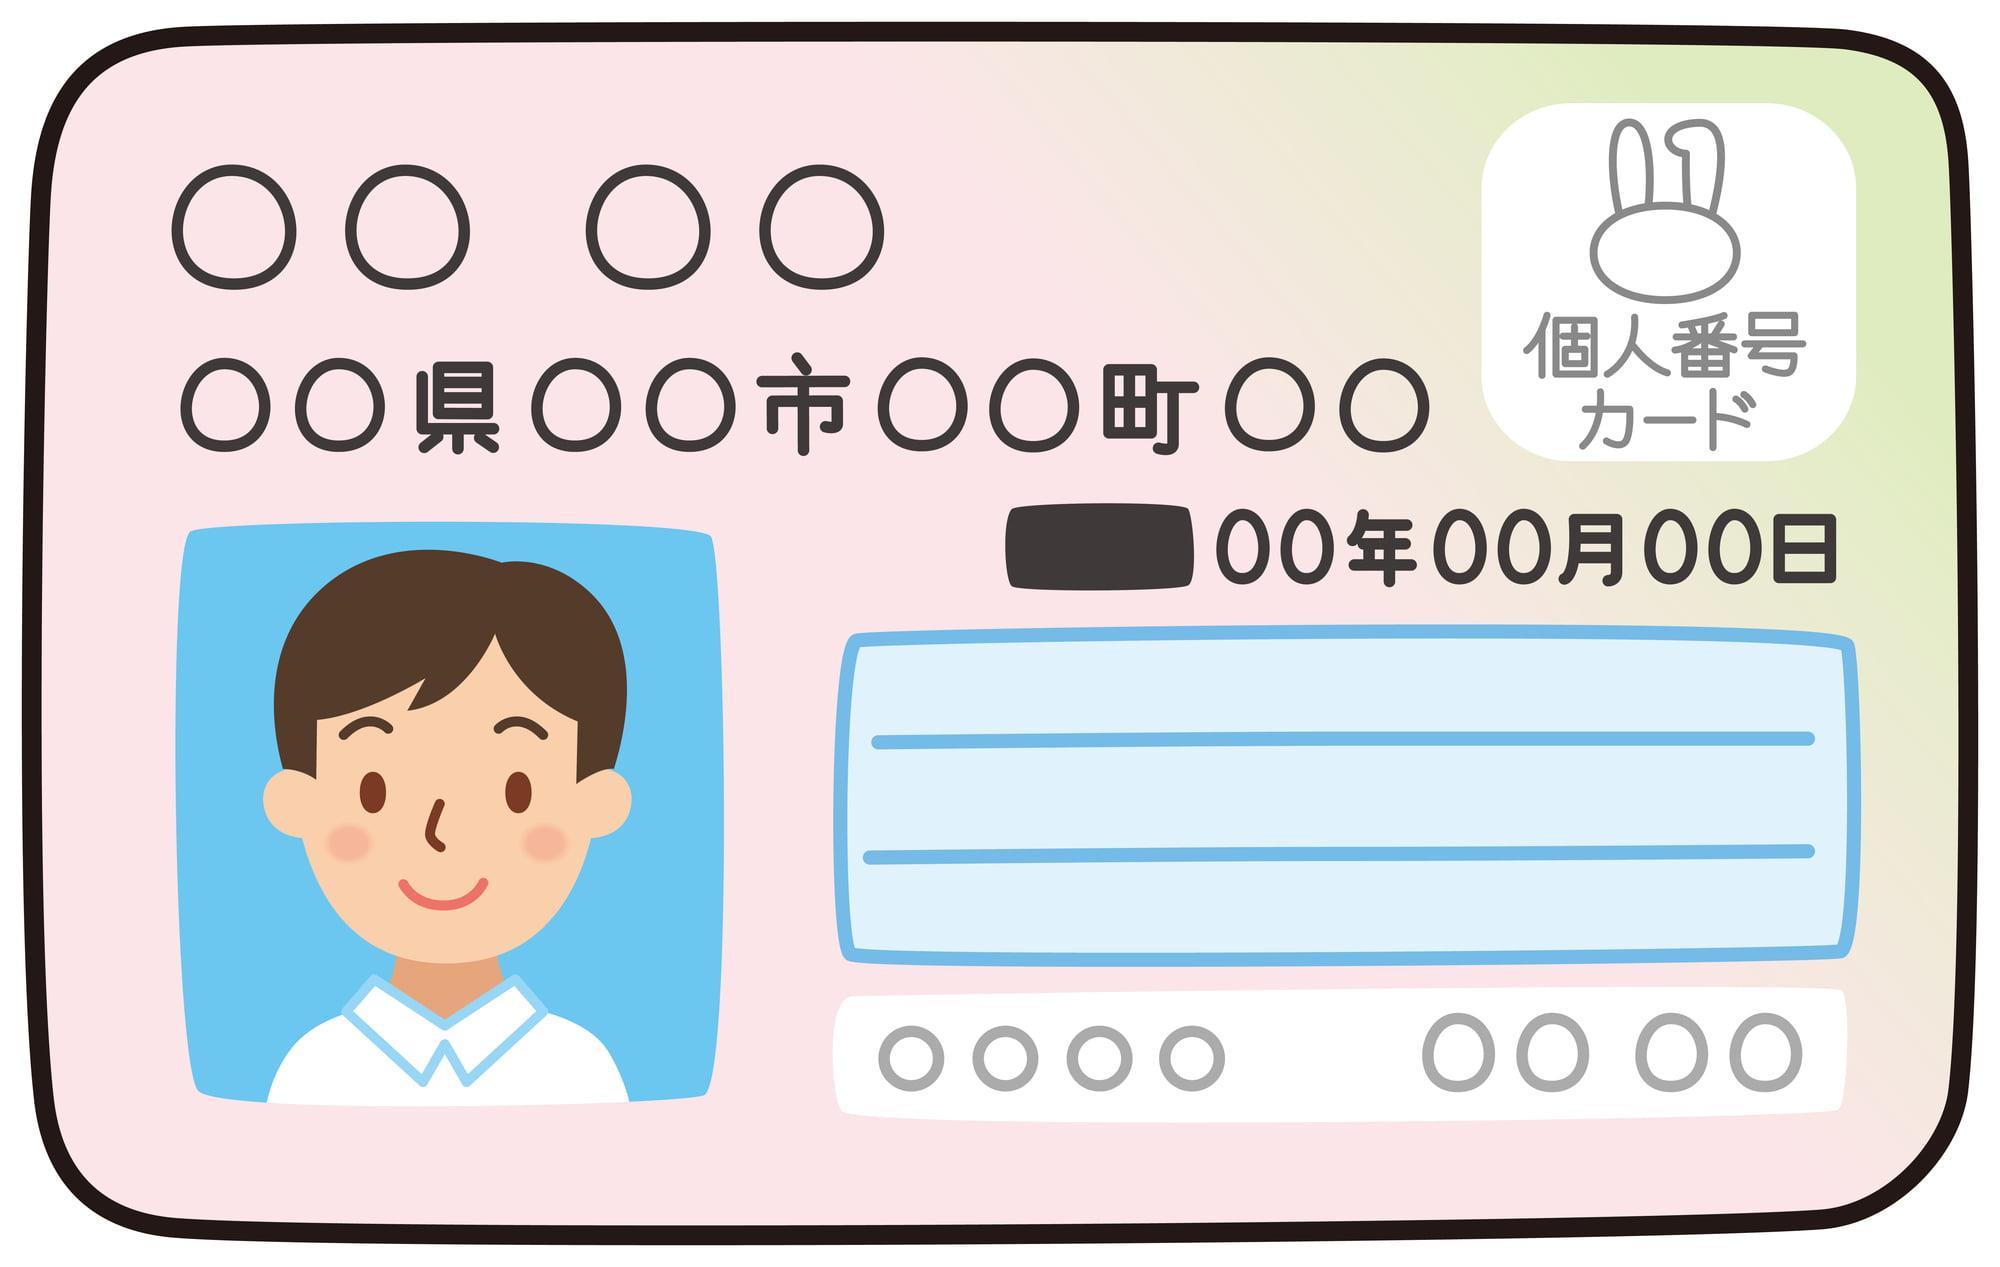 マイナンバーカードの画像